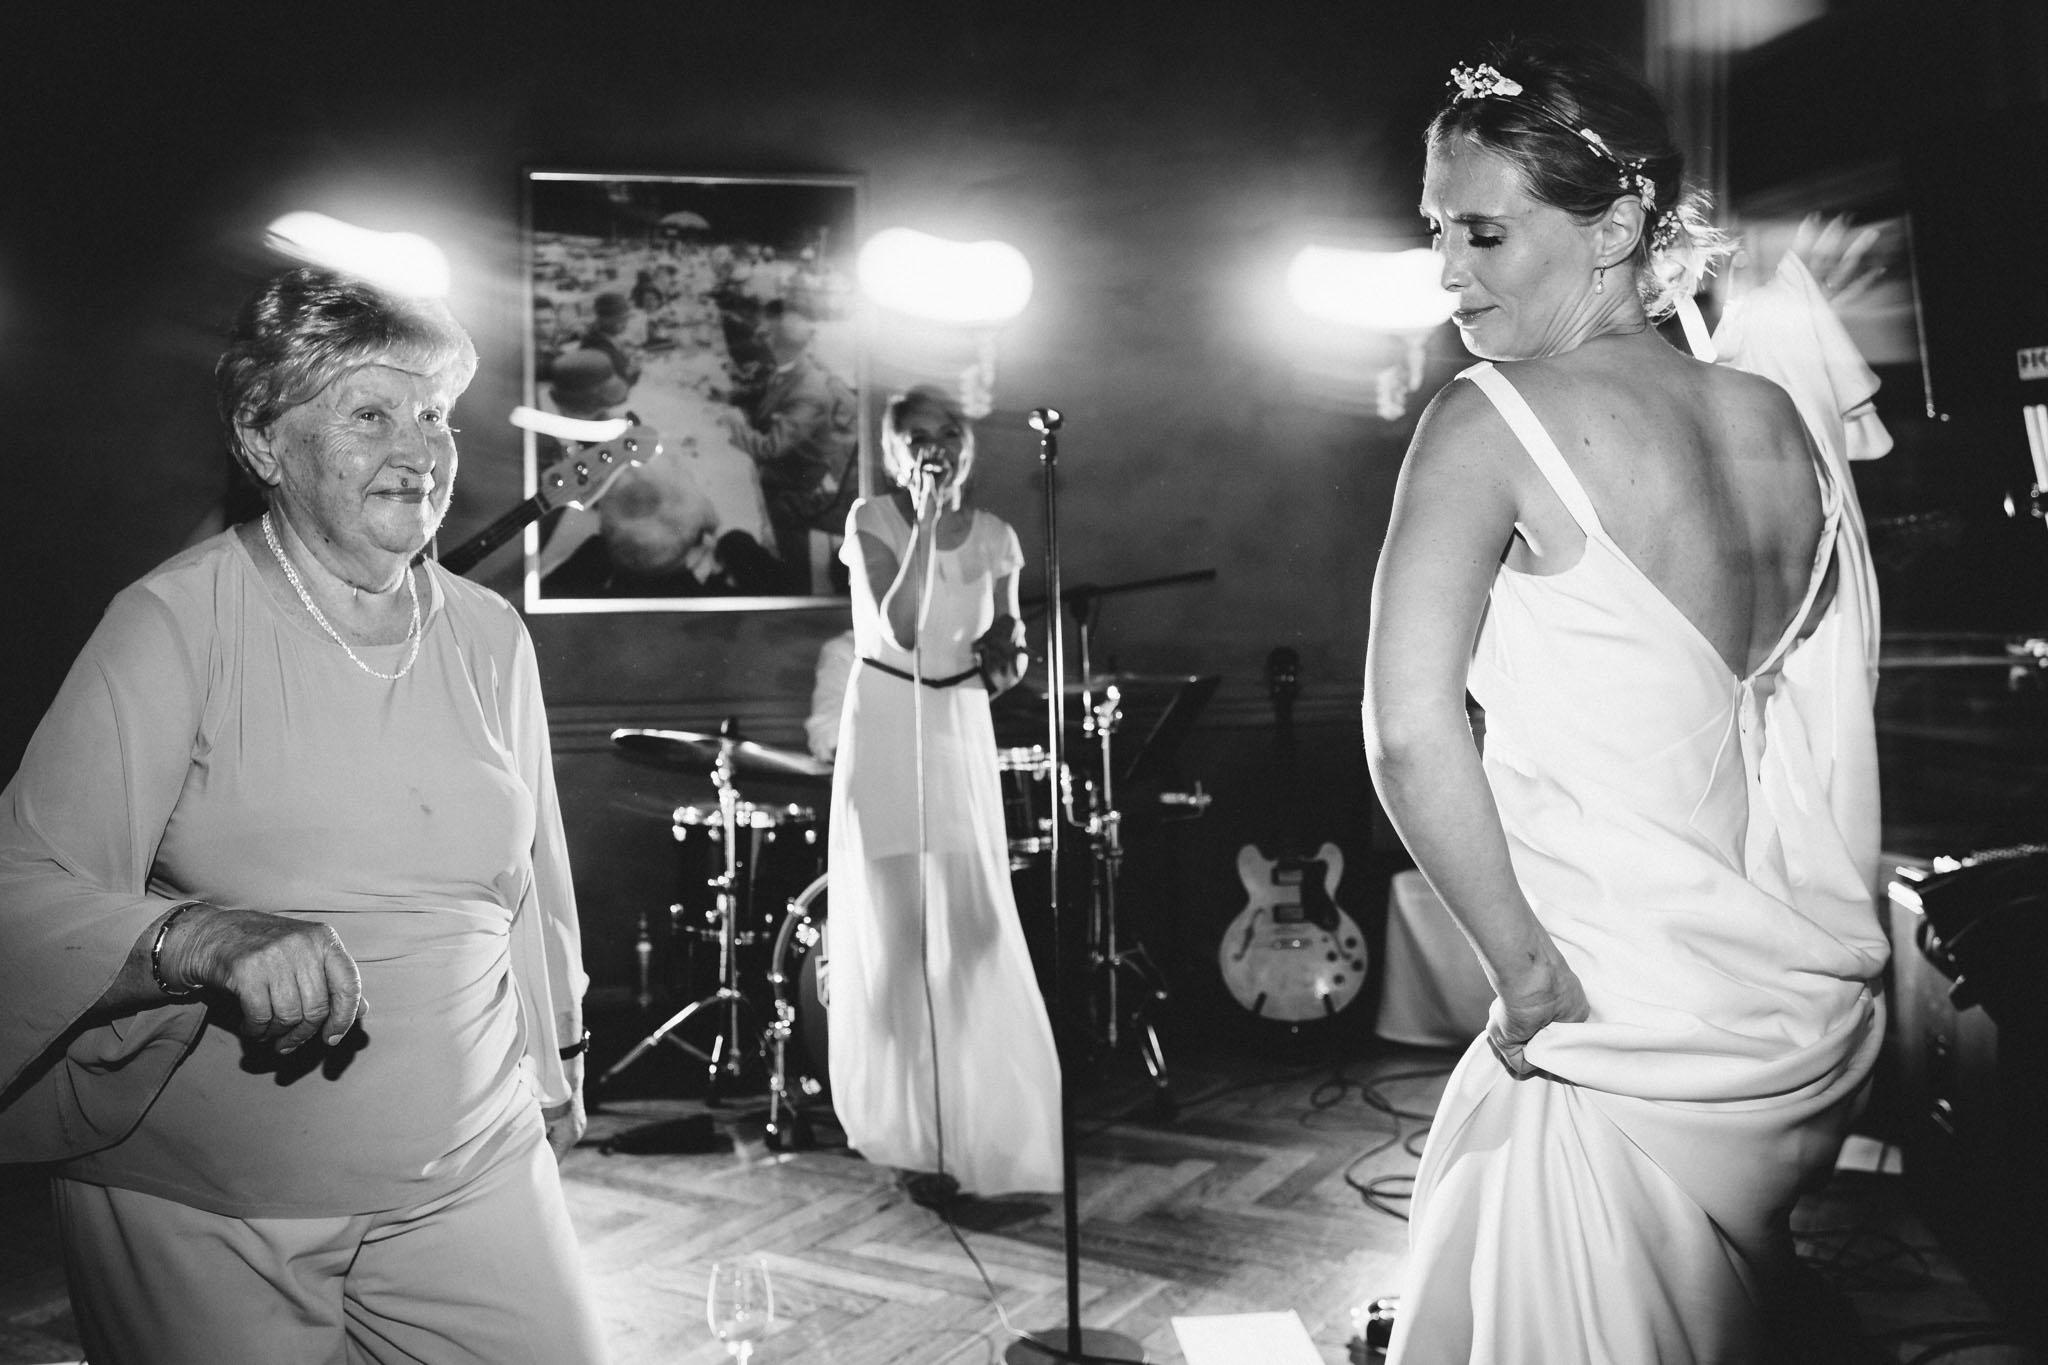 hochzeit-tanz--schwarzweiss-farbe-fotografie-berlin